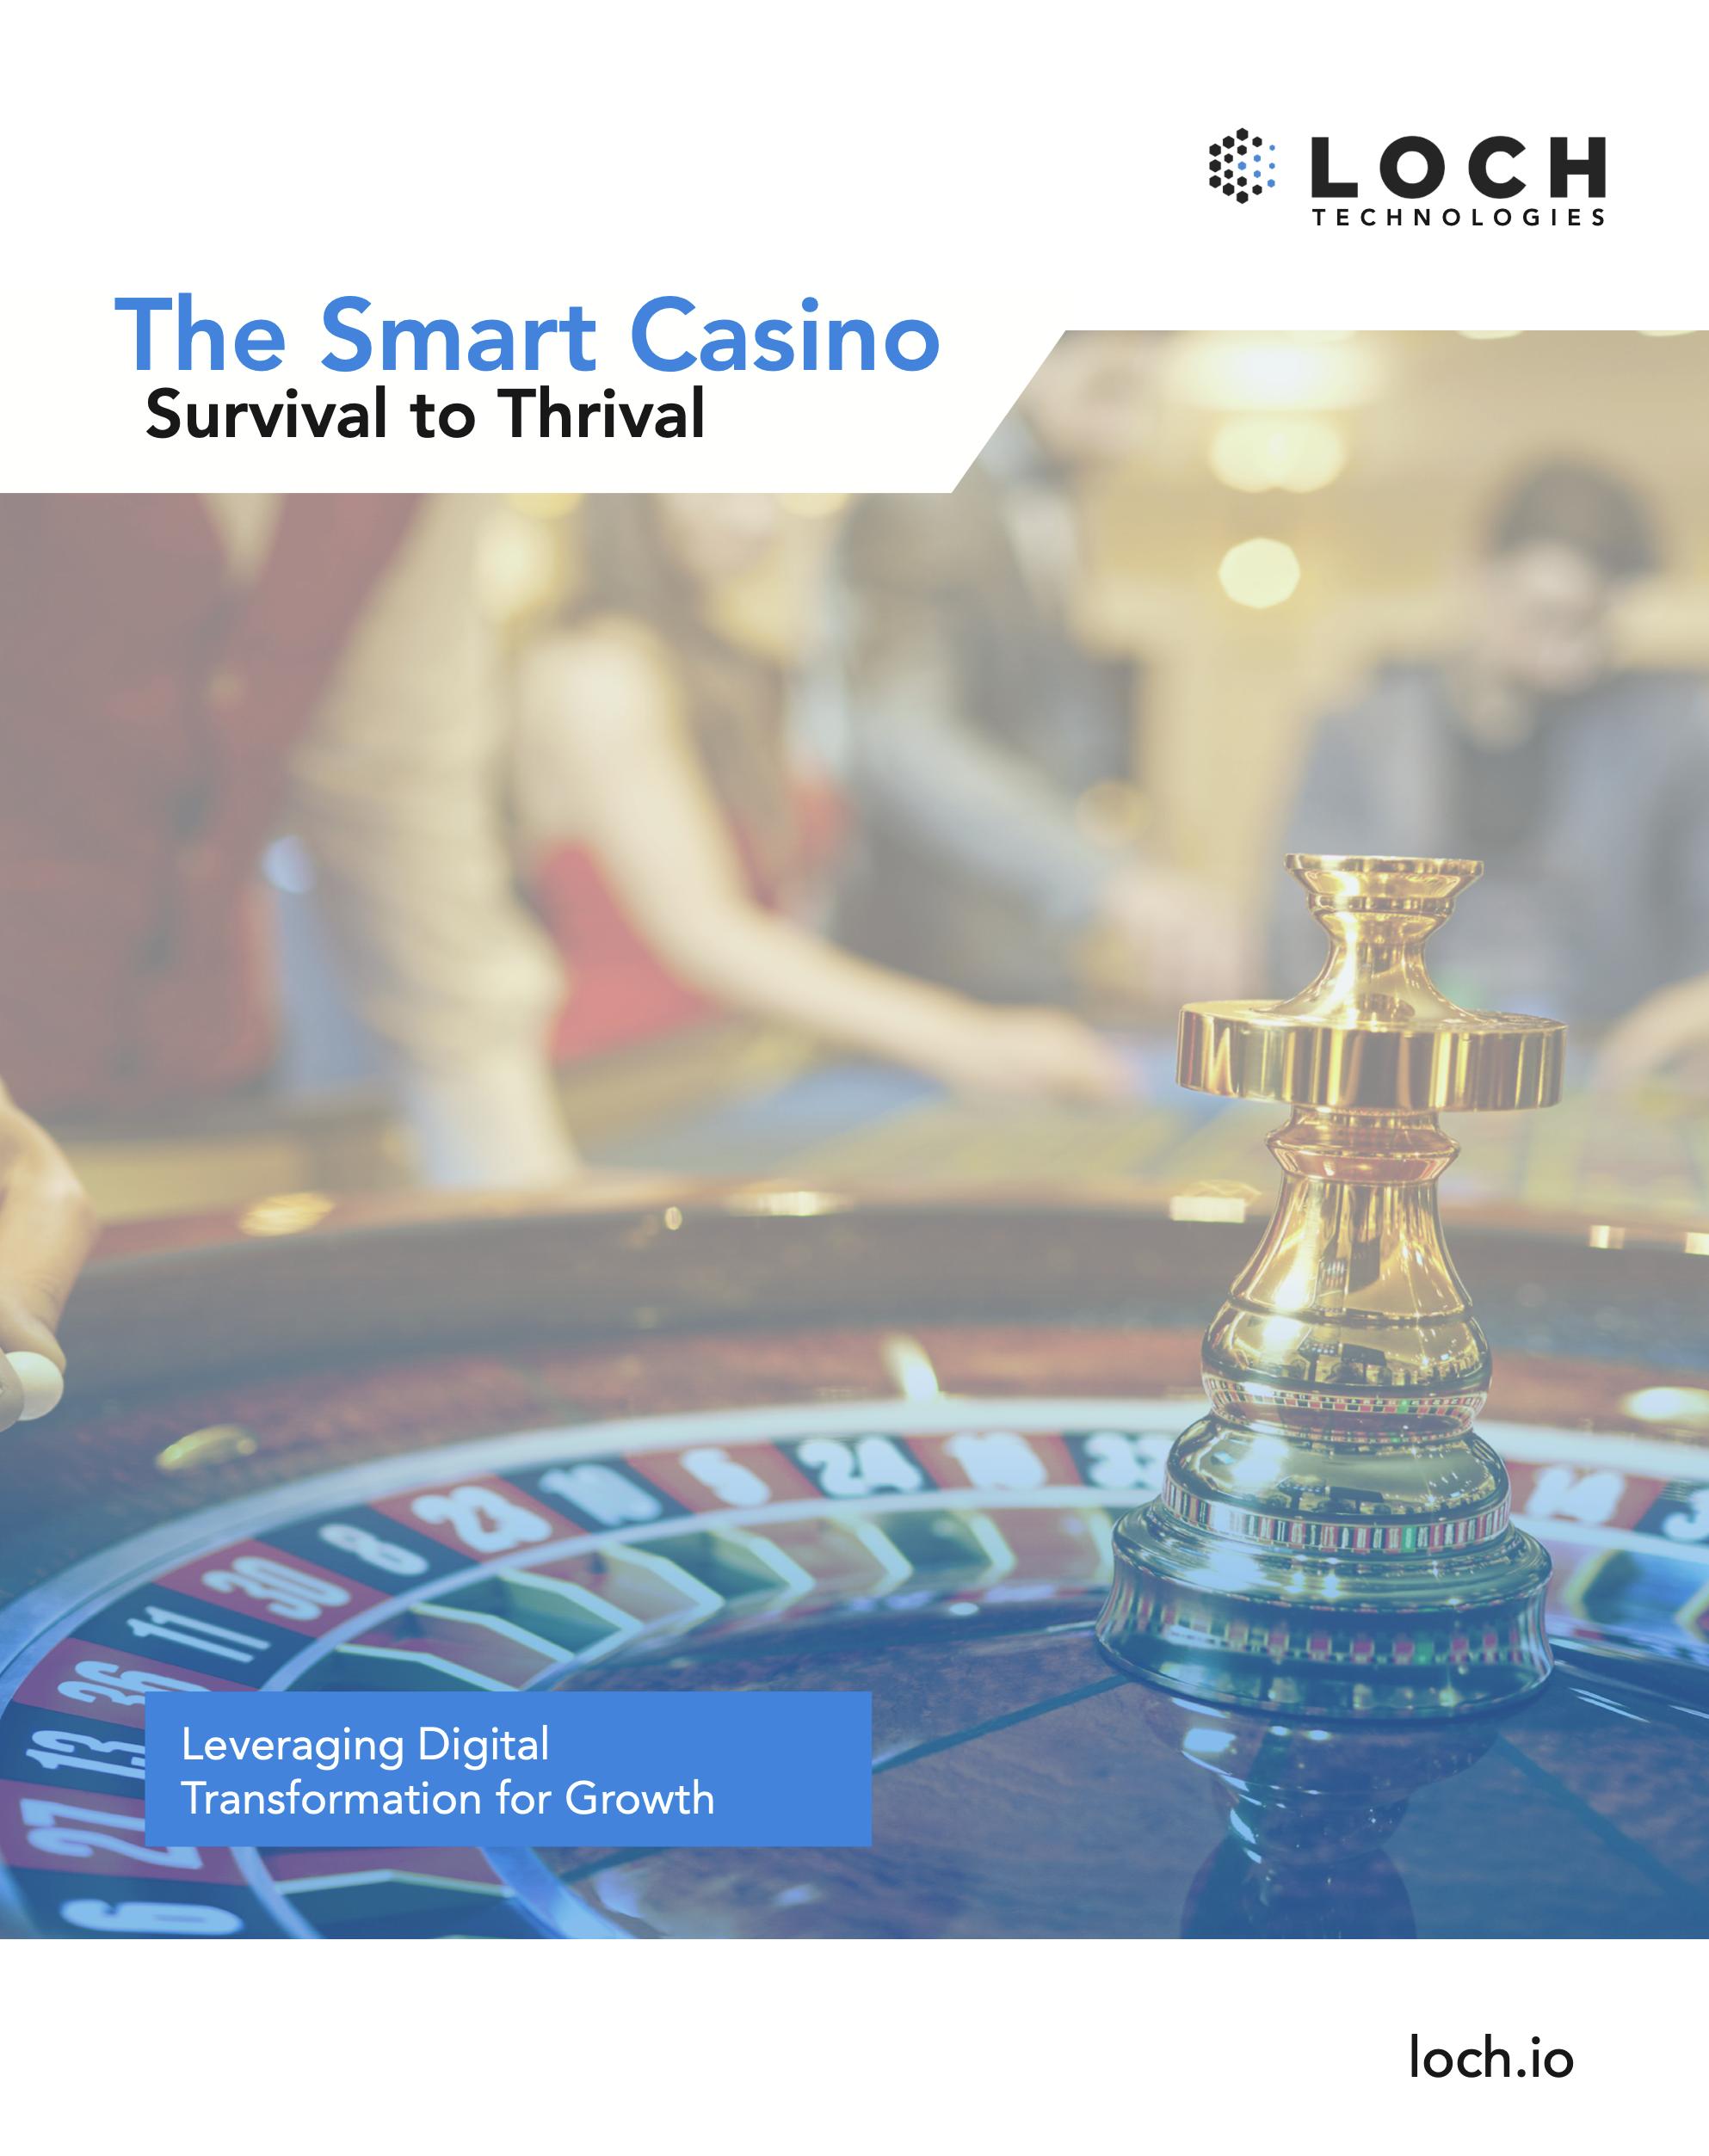 Download The Smart Casino White Paper